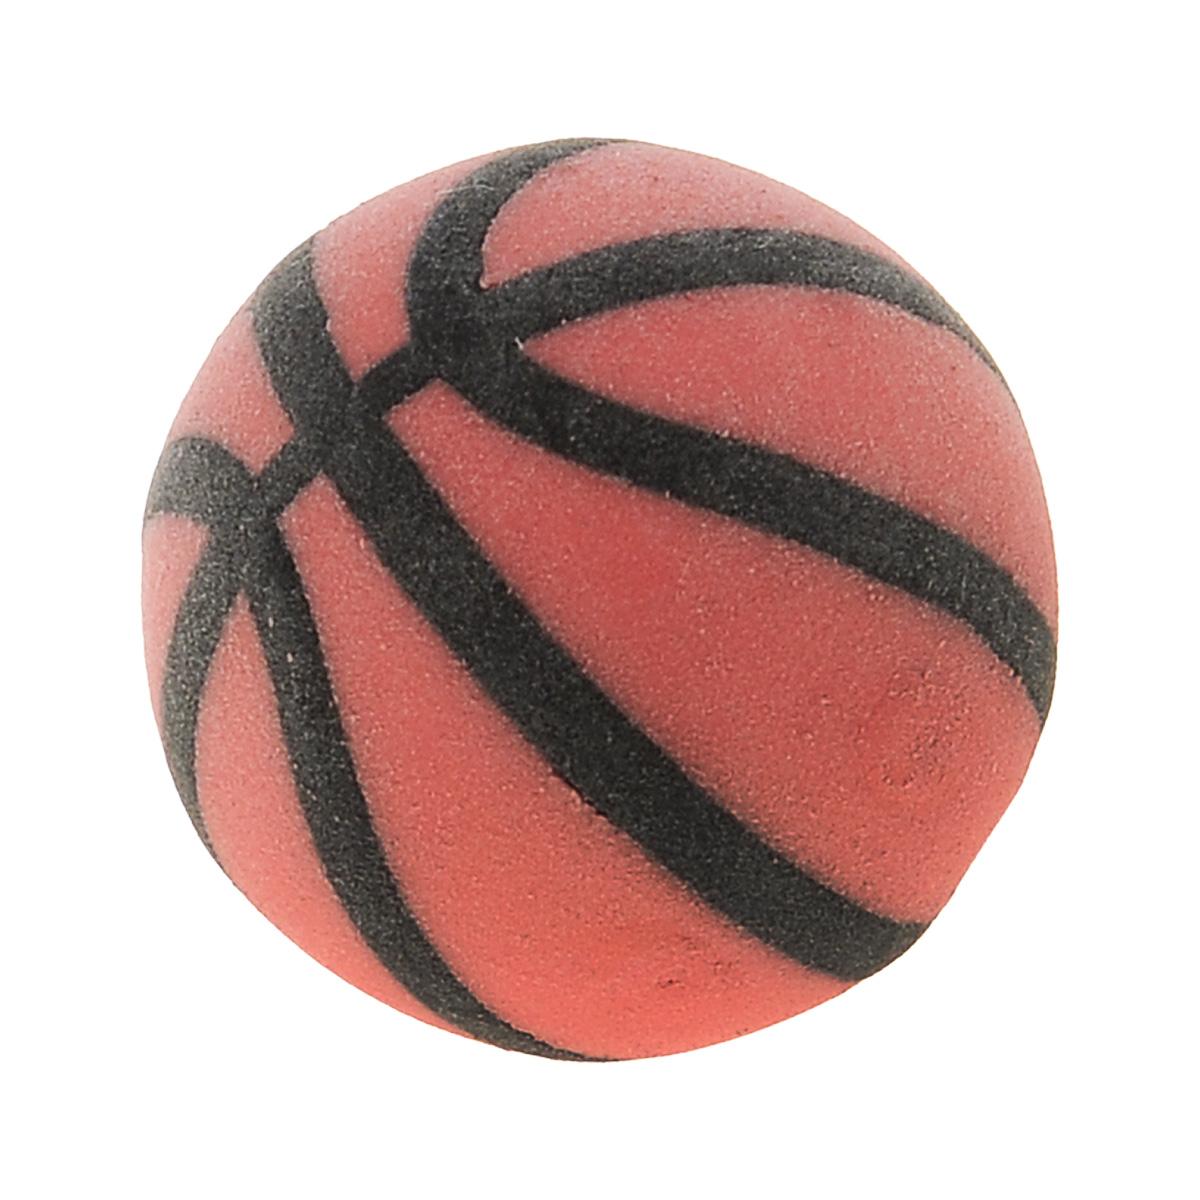 Brunnen Ластик Мяч баскетбольный, цвет: оранжевыйFS-54103Ластик Мяч баскетбольный станет незаменимым аксессуаром на рабочем столе не только школьника или студента, но и офисного работника. Он легко и без следа удаляет надписи, сделанные карандашом.